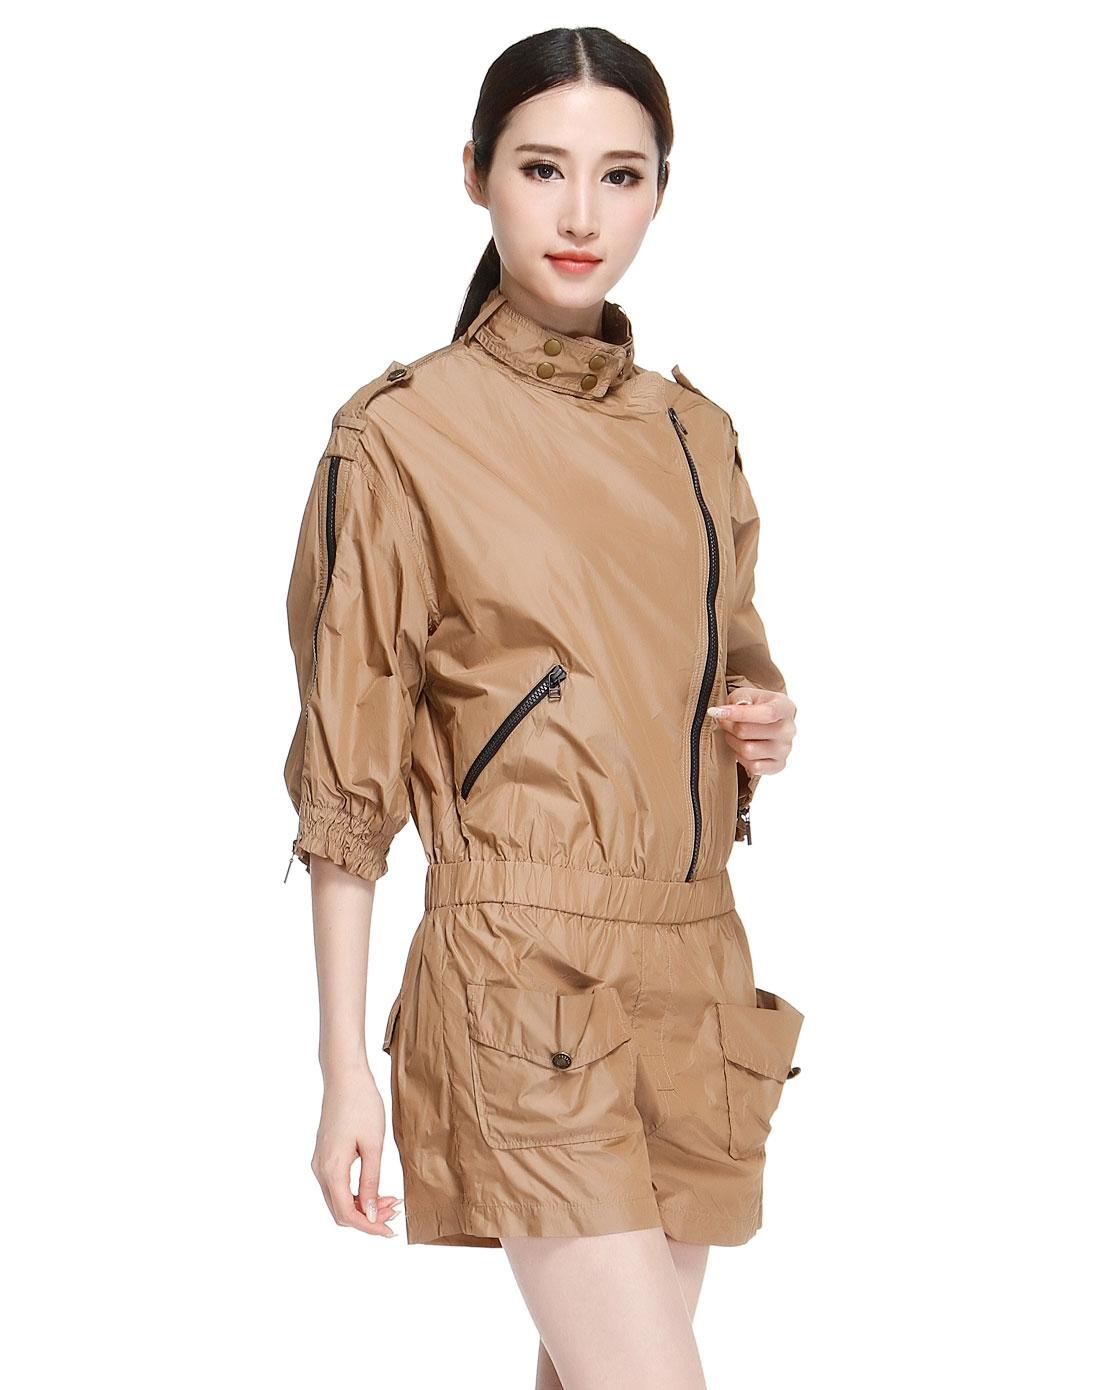 dazzle深卡其色休闲时尚七分袖连体短裤221p70545